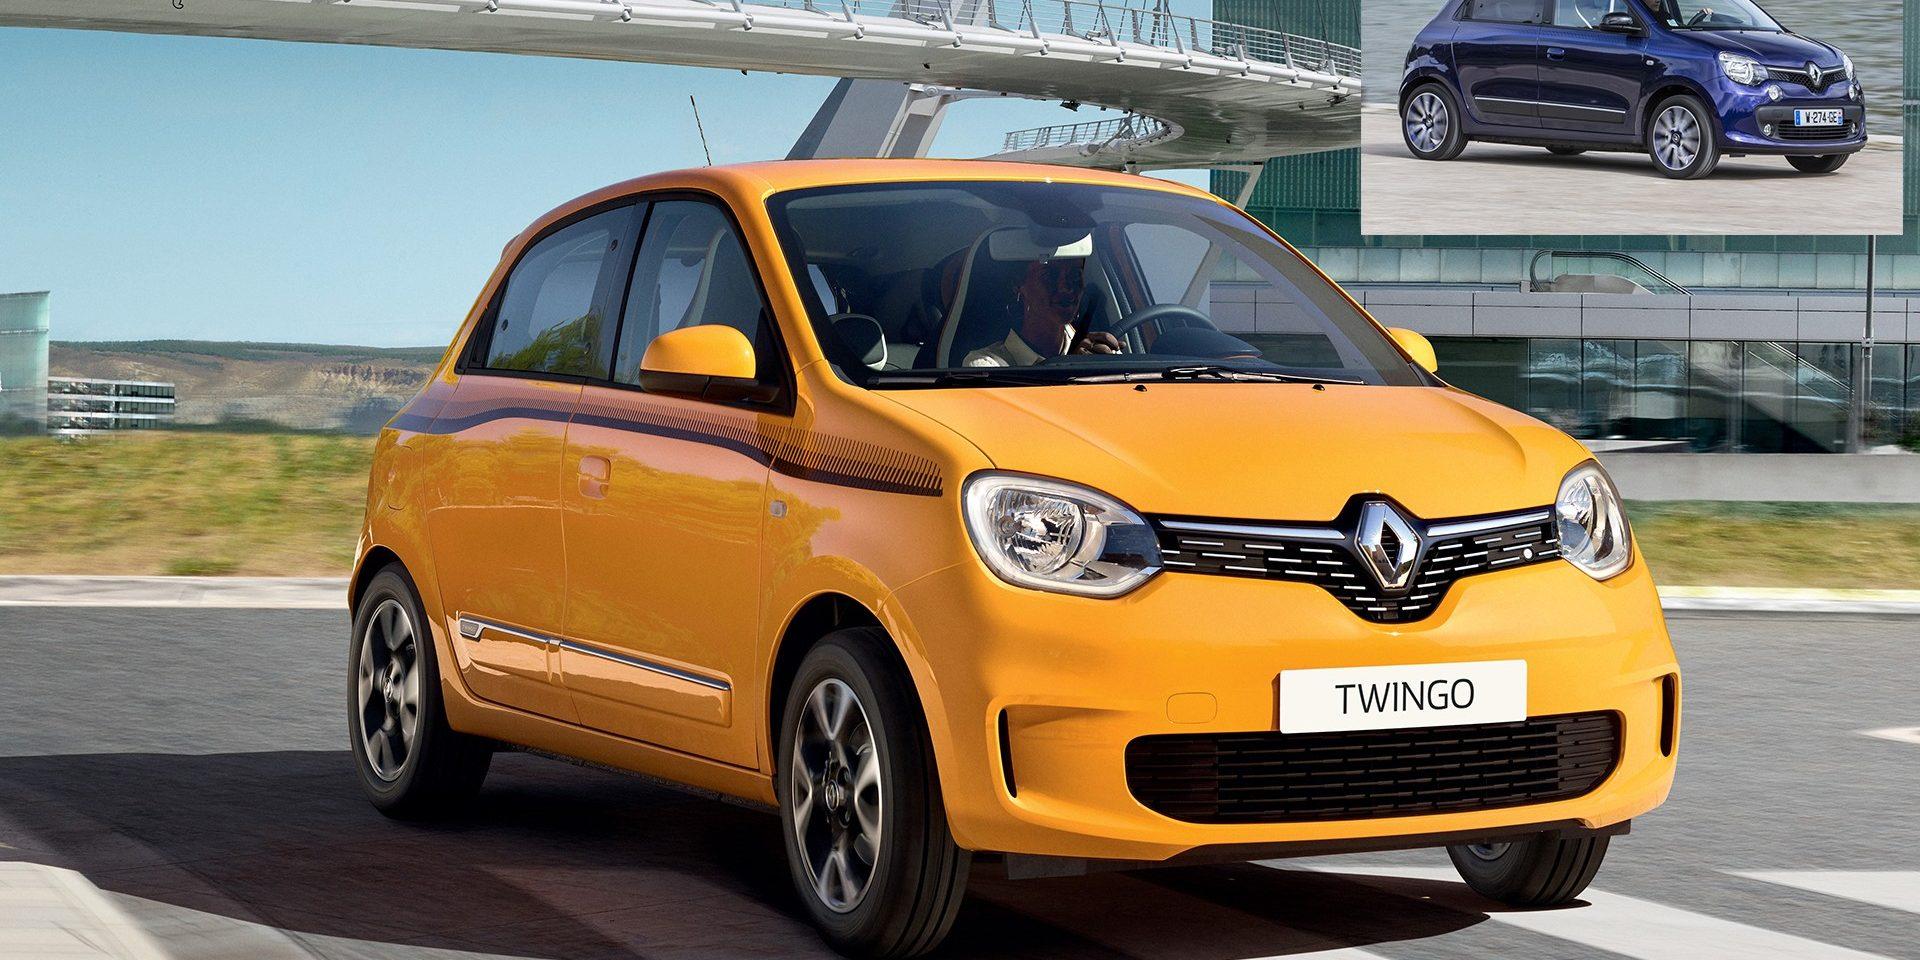 Renault oferece renovação à terceira geração do citadino Twingo